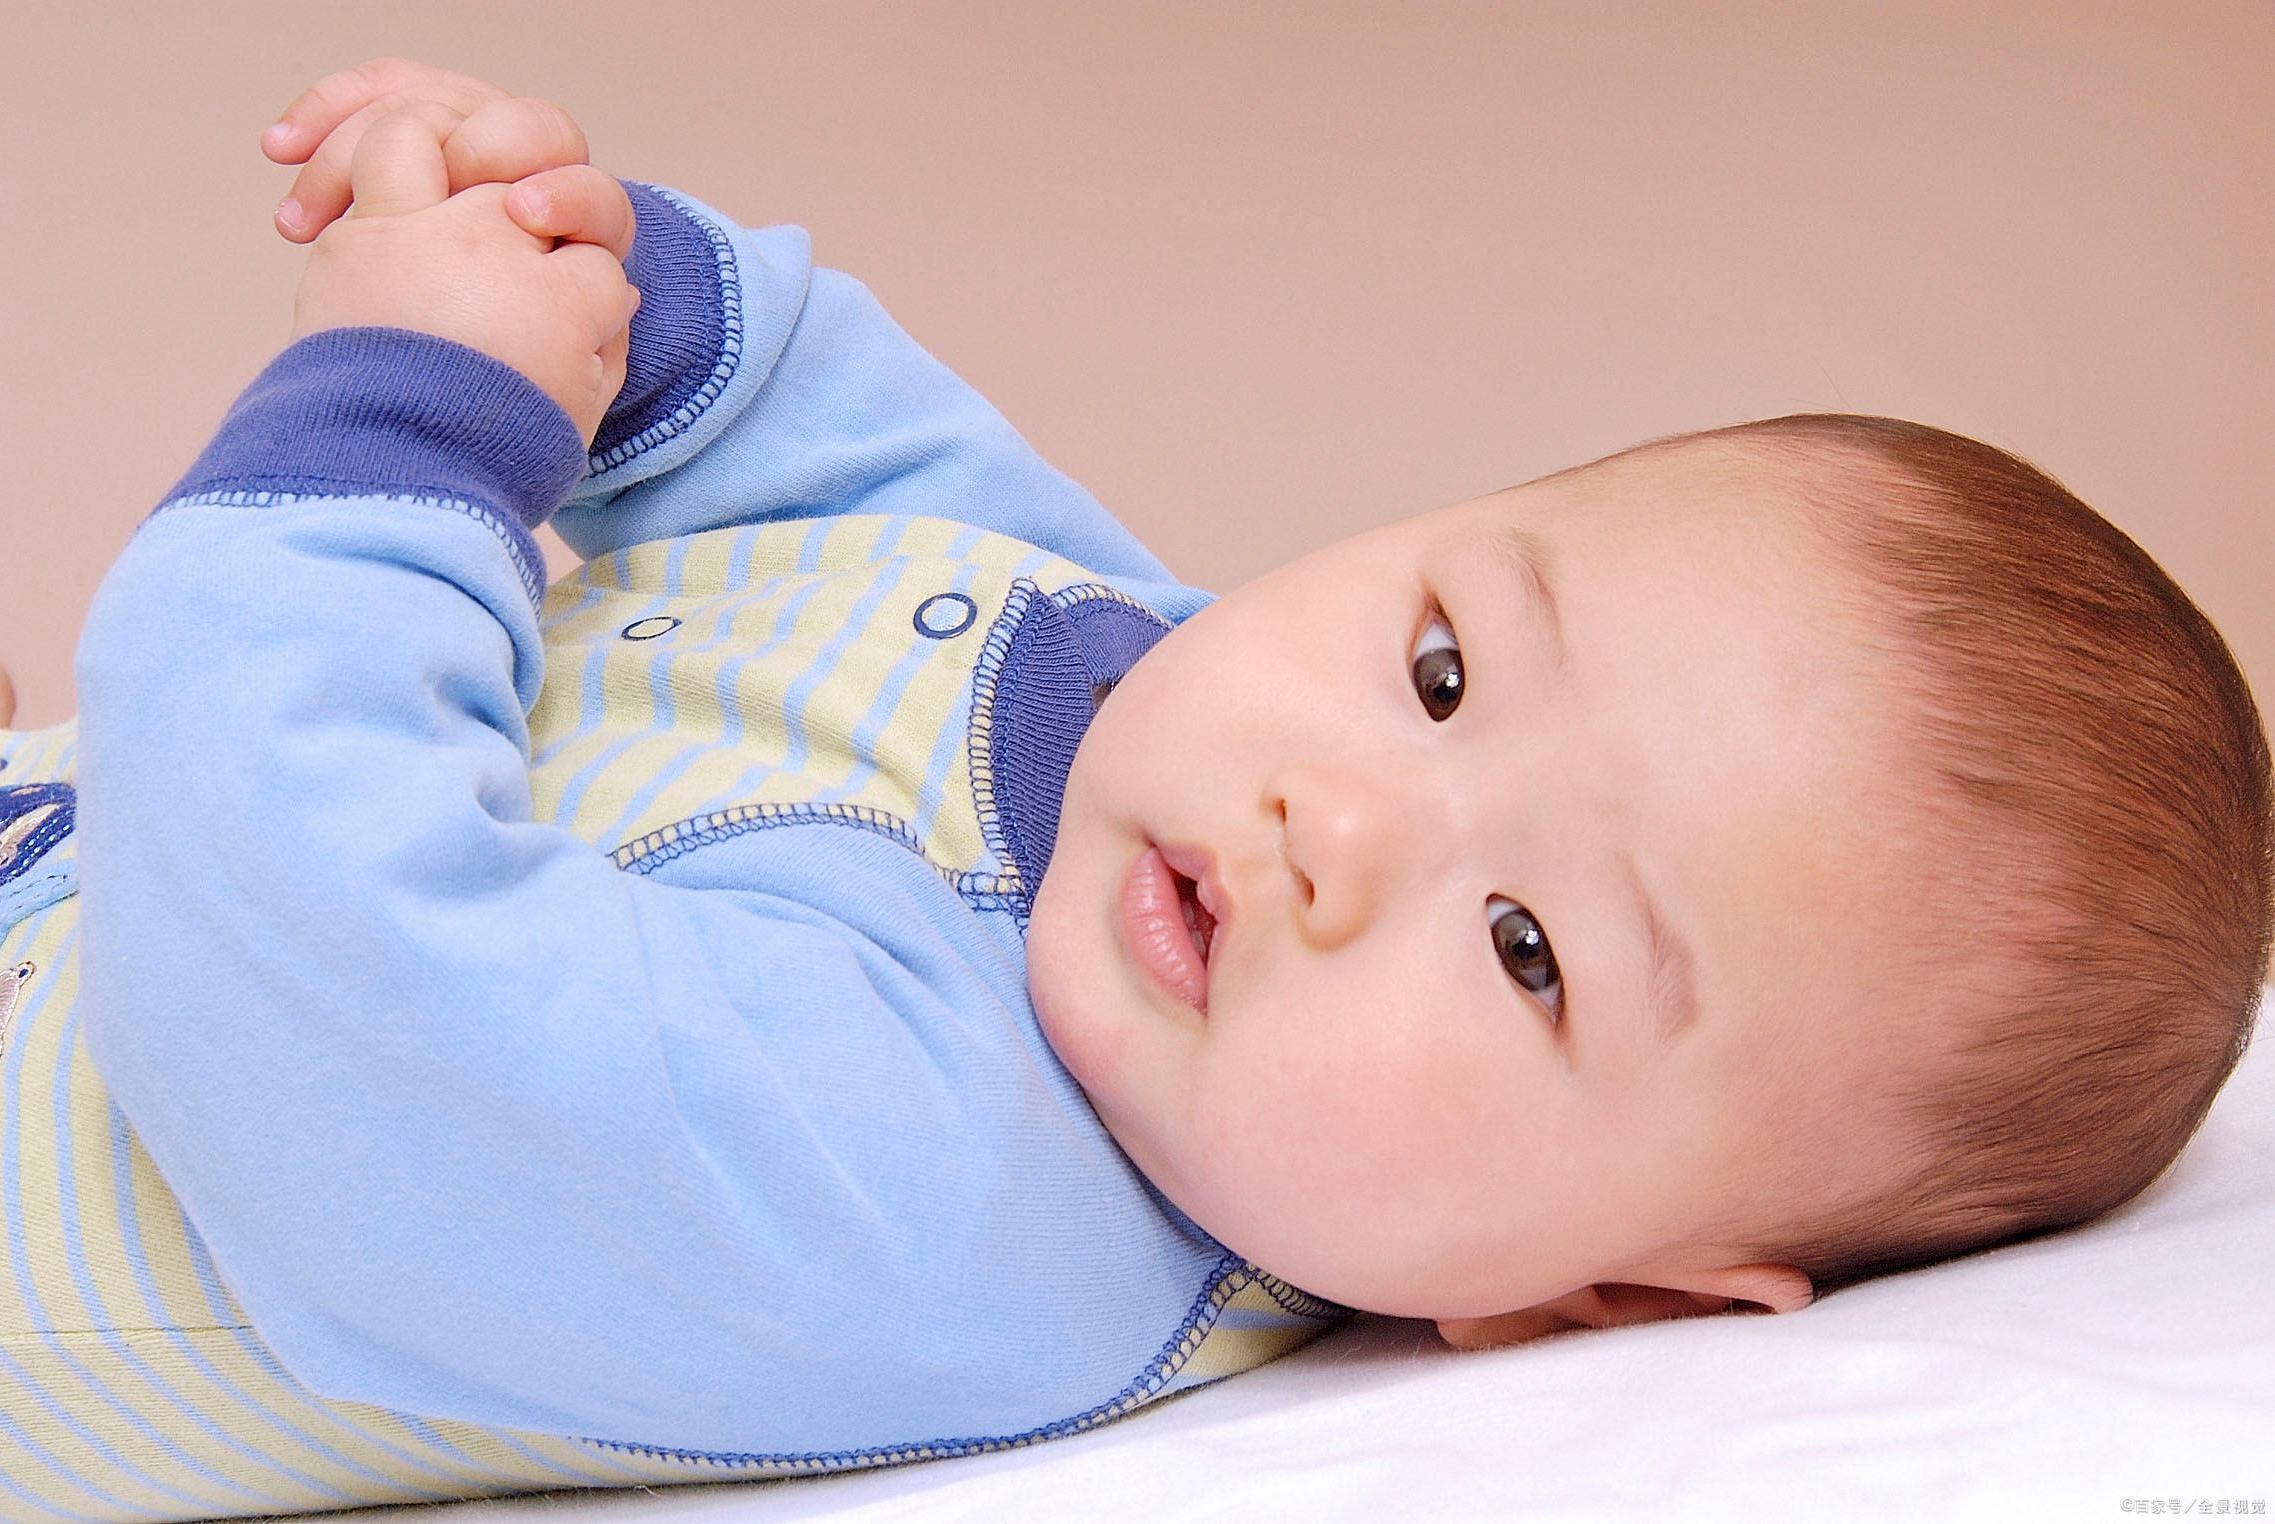 2020年国庆节出生的宝宝这样起名,吉祥喜庆不俗气!